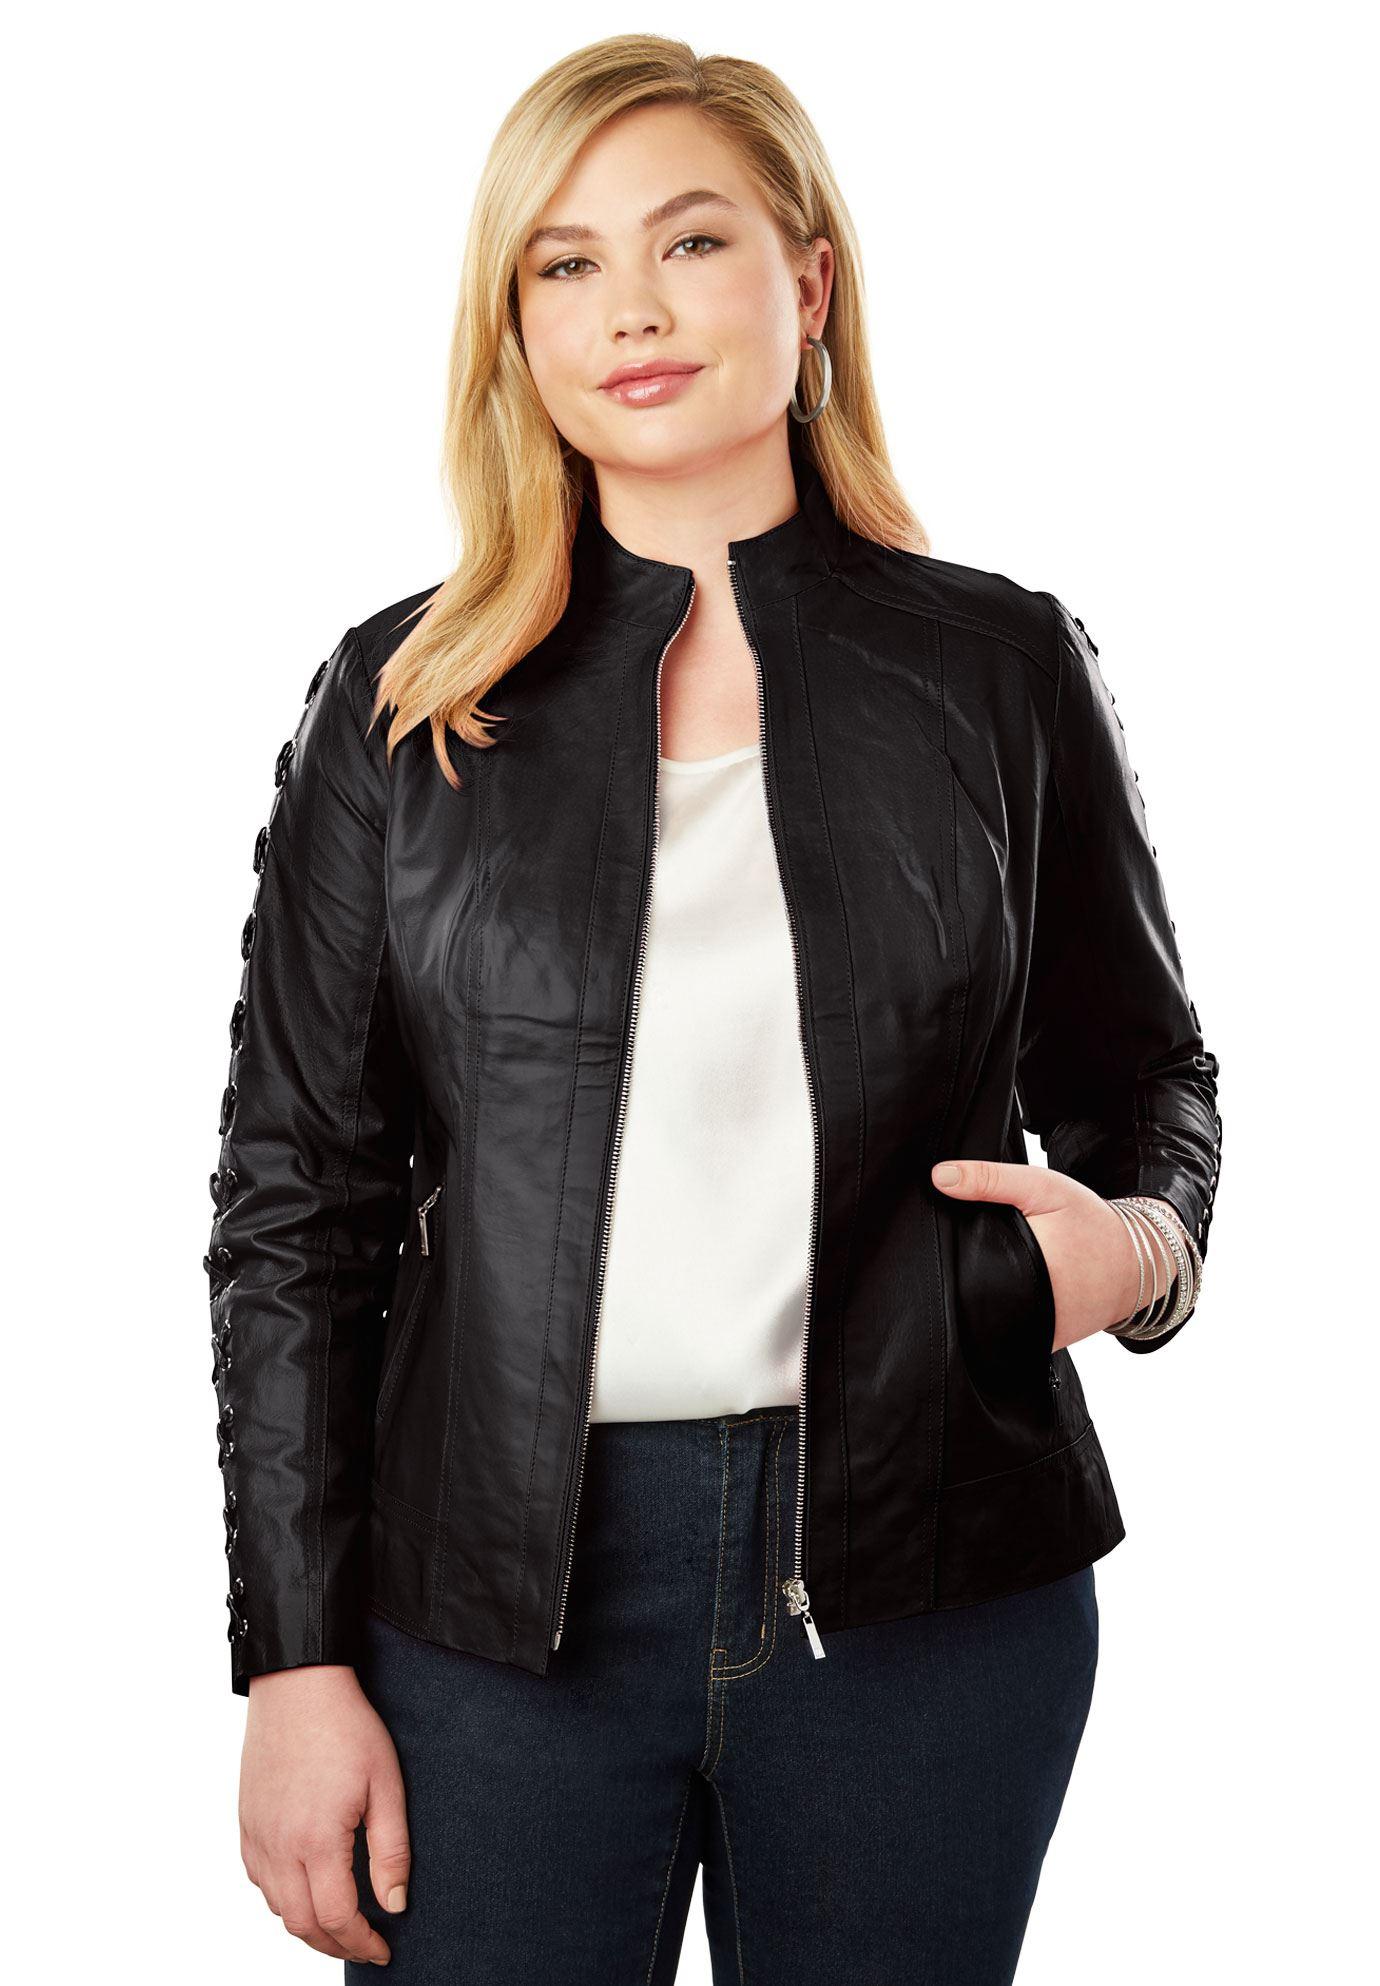 Lace Up Leather Jacket Women's Plus Size Clothing Plus